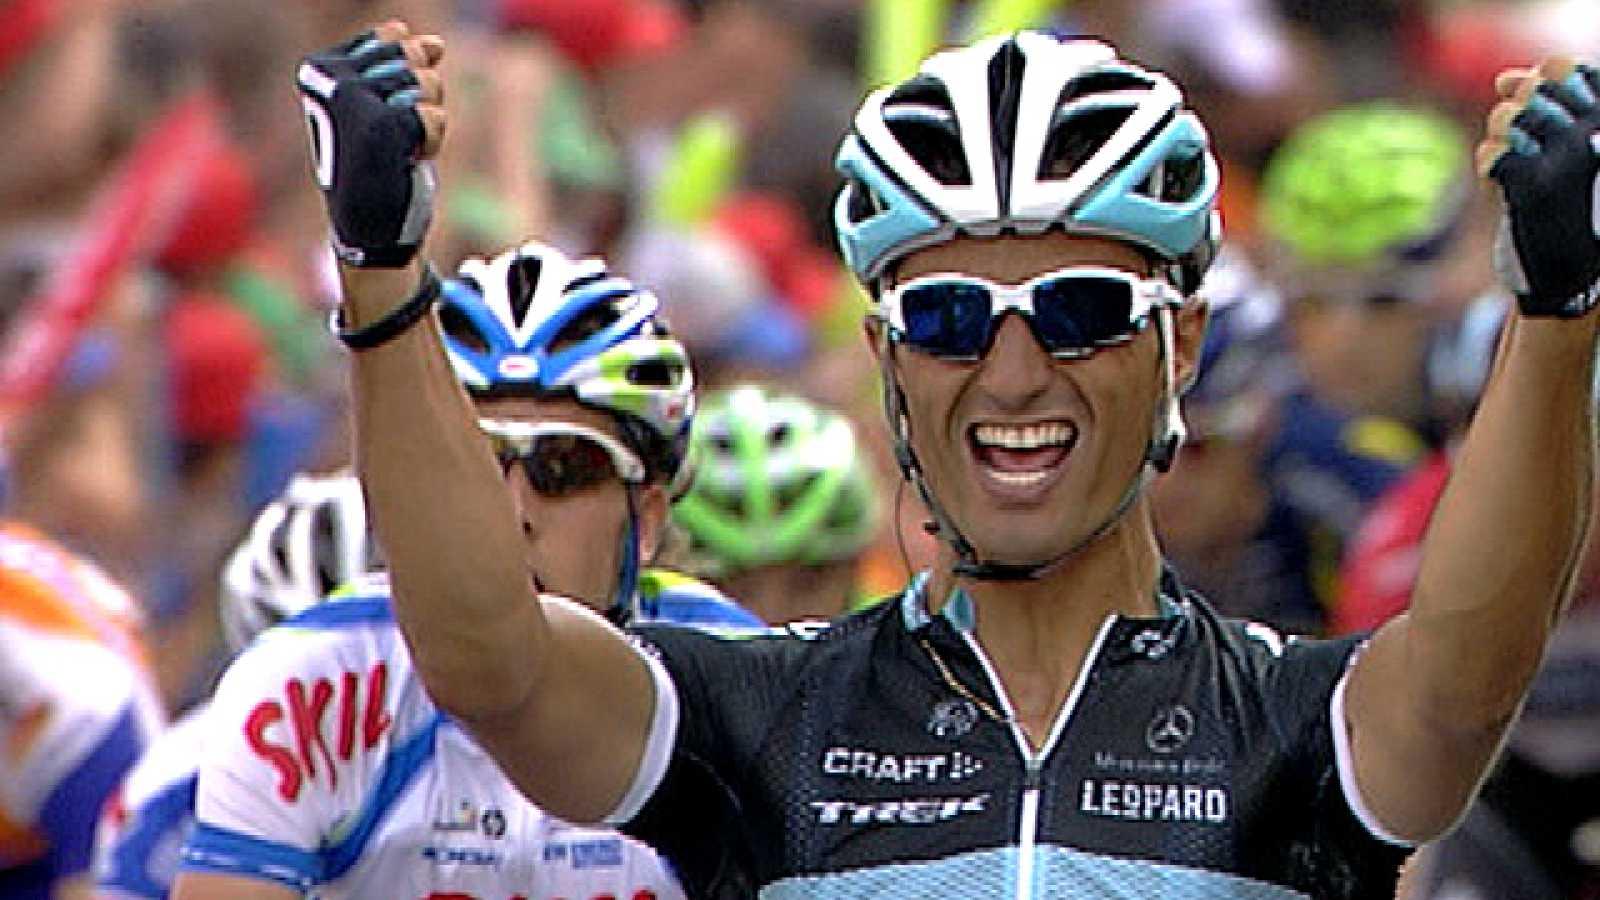 El velocista italiano Daniele Bennati (Leopard-Trek) se ha  adjudicado la vigésima y penúltima etapa de la Vuelta España,  disputada entre Bilbao y Victoria en 185 kilómetros de recorrido,  imponiéndose con claridad en la llegada al sprint mientras q